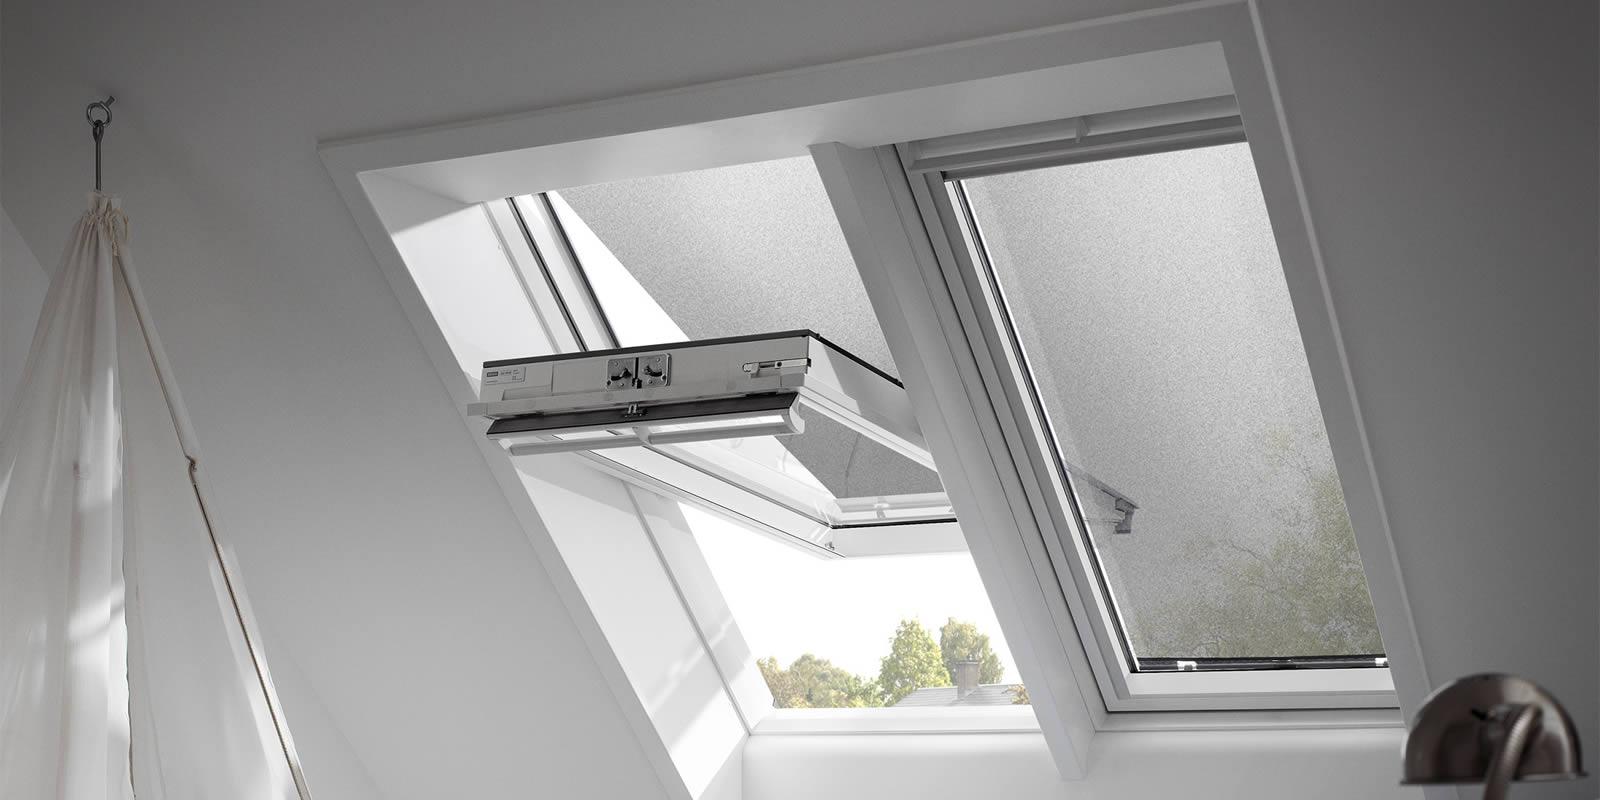 dachfenster markisen | hitzeschutz | rollos | schreinerei fritz gfeller